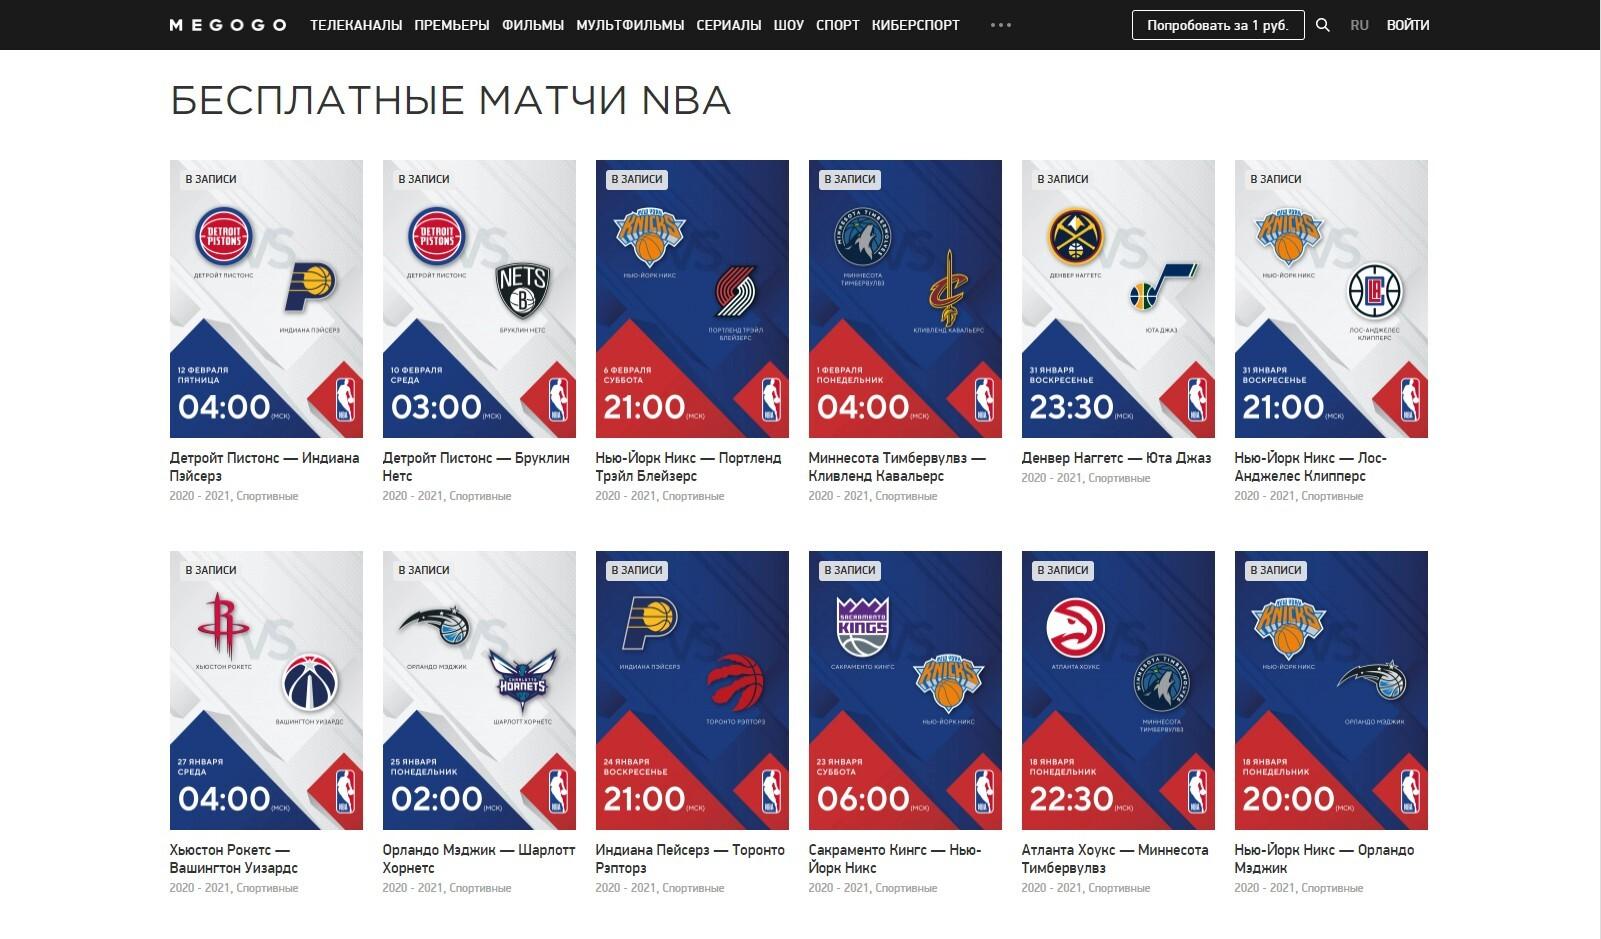 Раздел бесплатных матчей NBA на Megogo